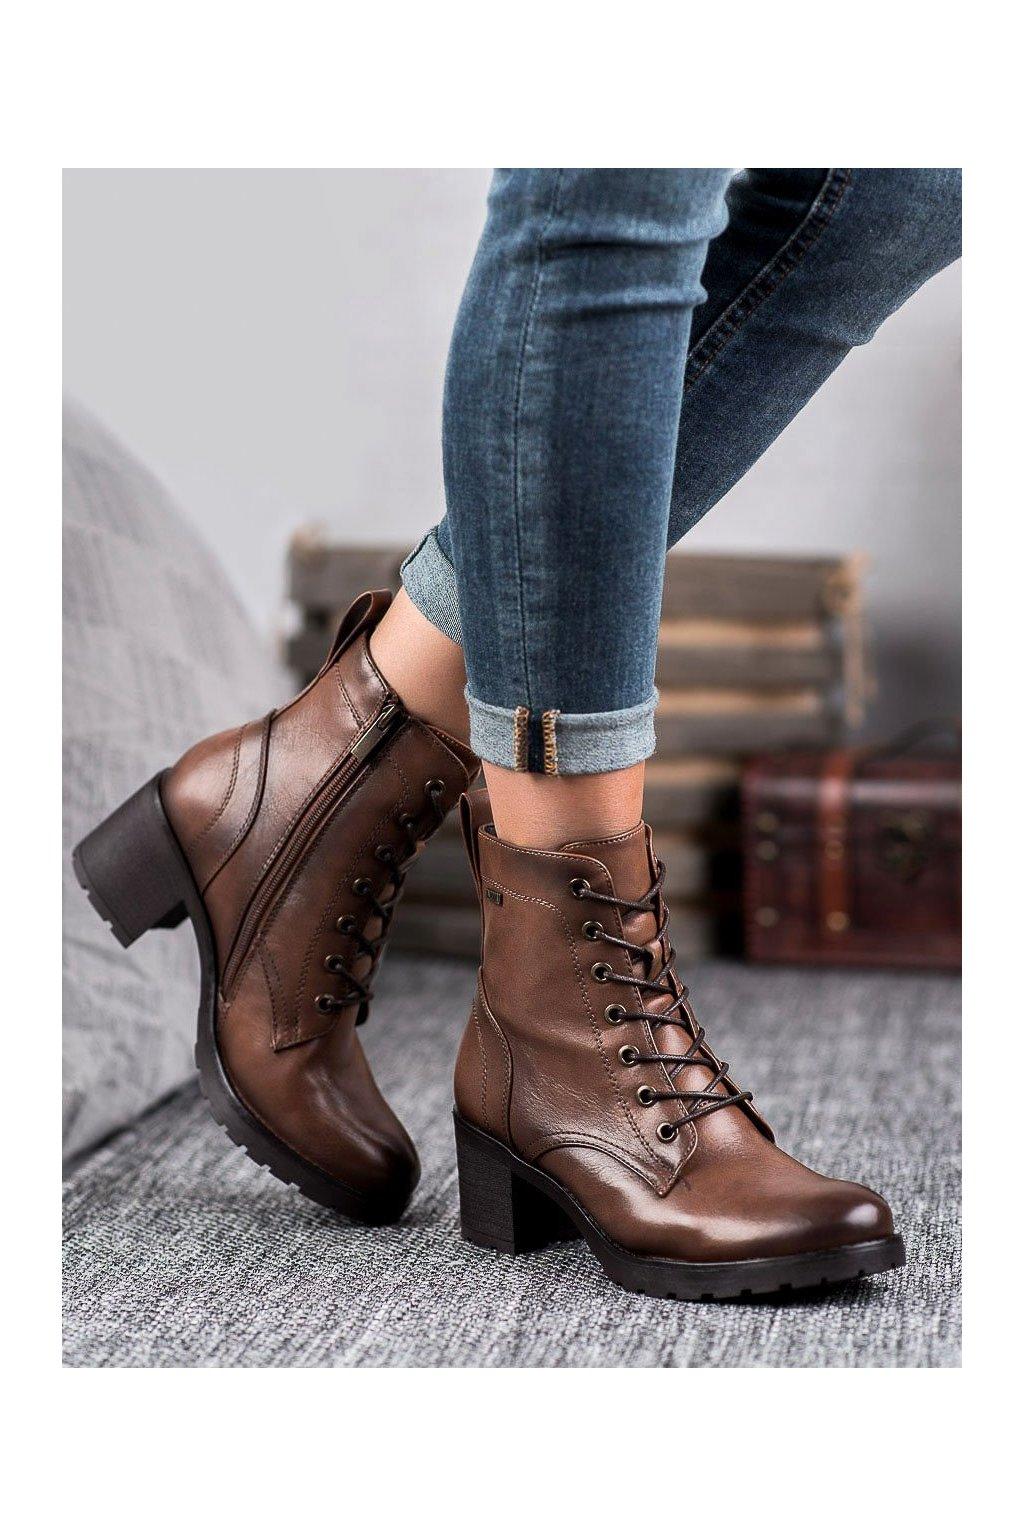 Hnedé dámske topánky Vinceza kod XY20-10458C